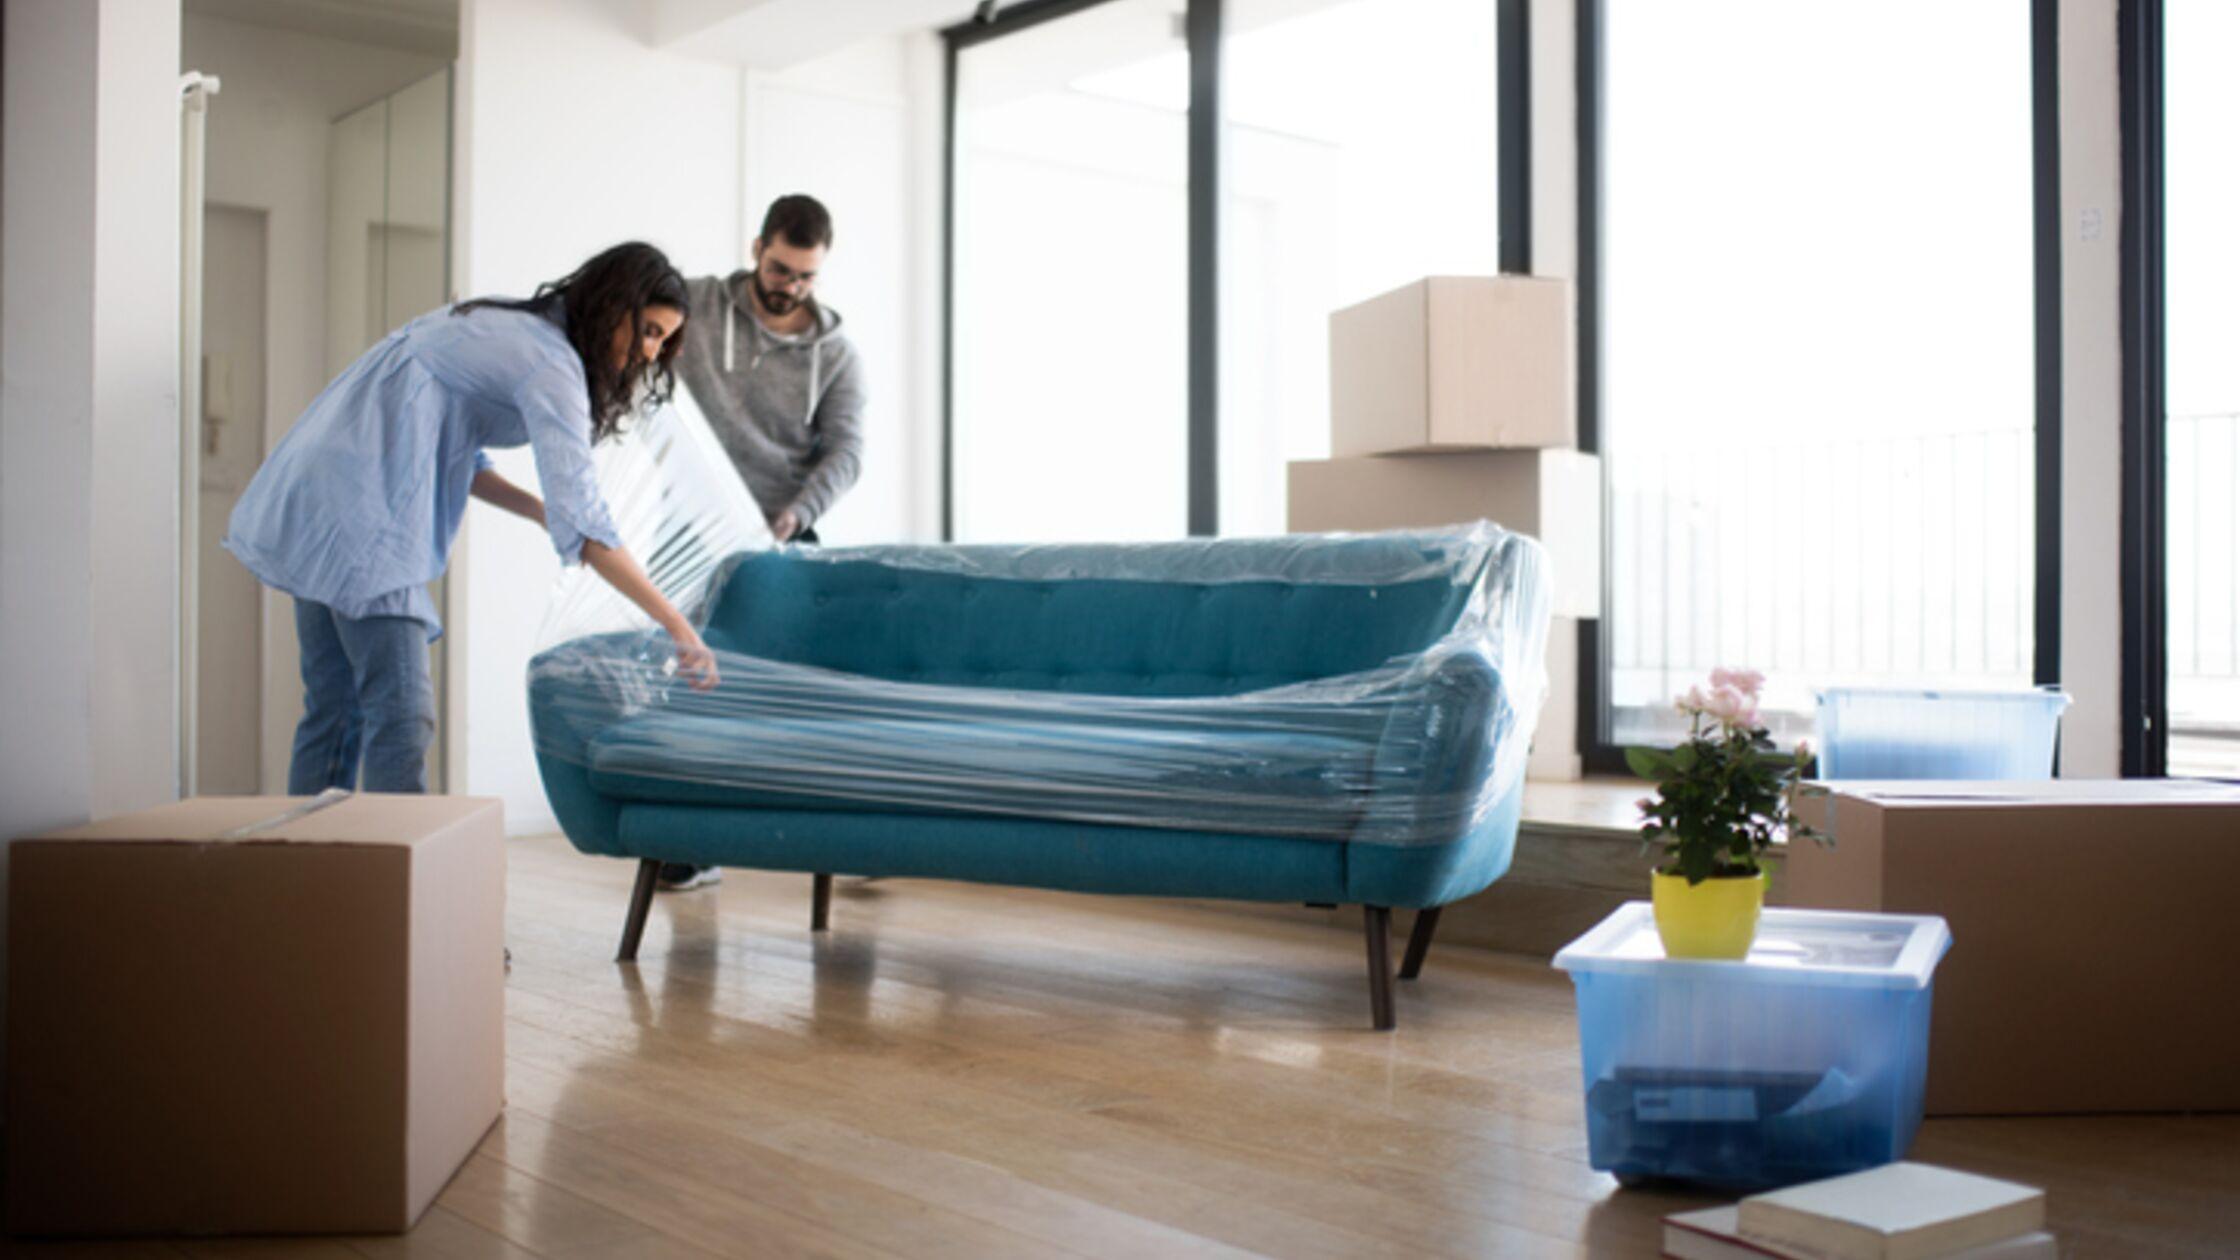 Paar packt Sofa aus